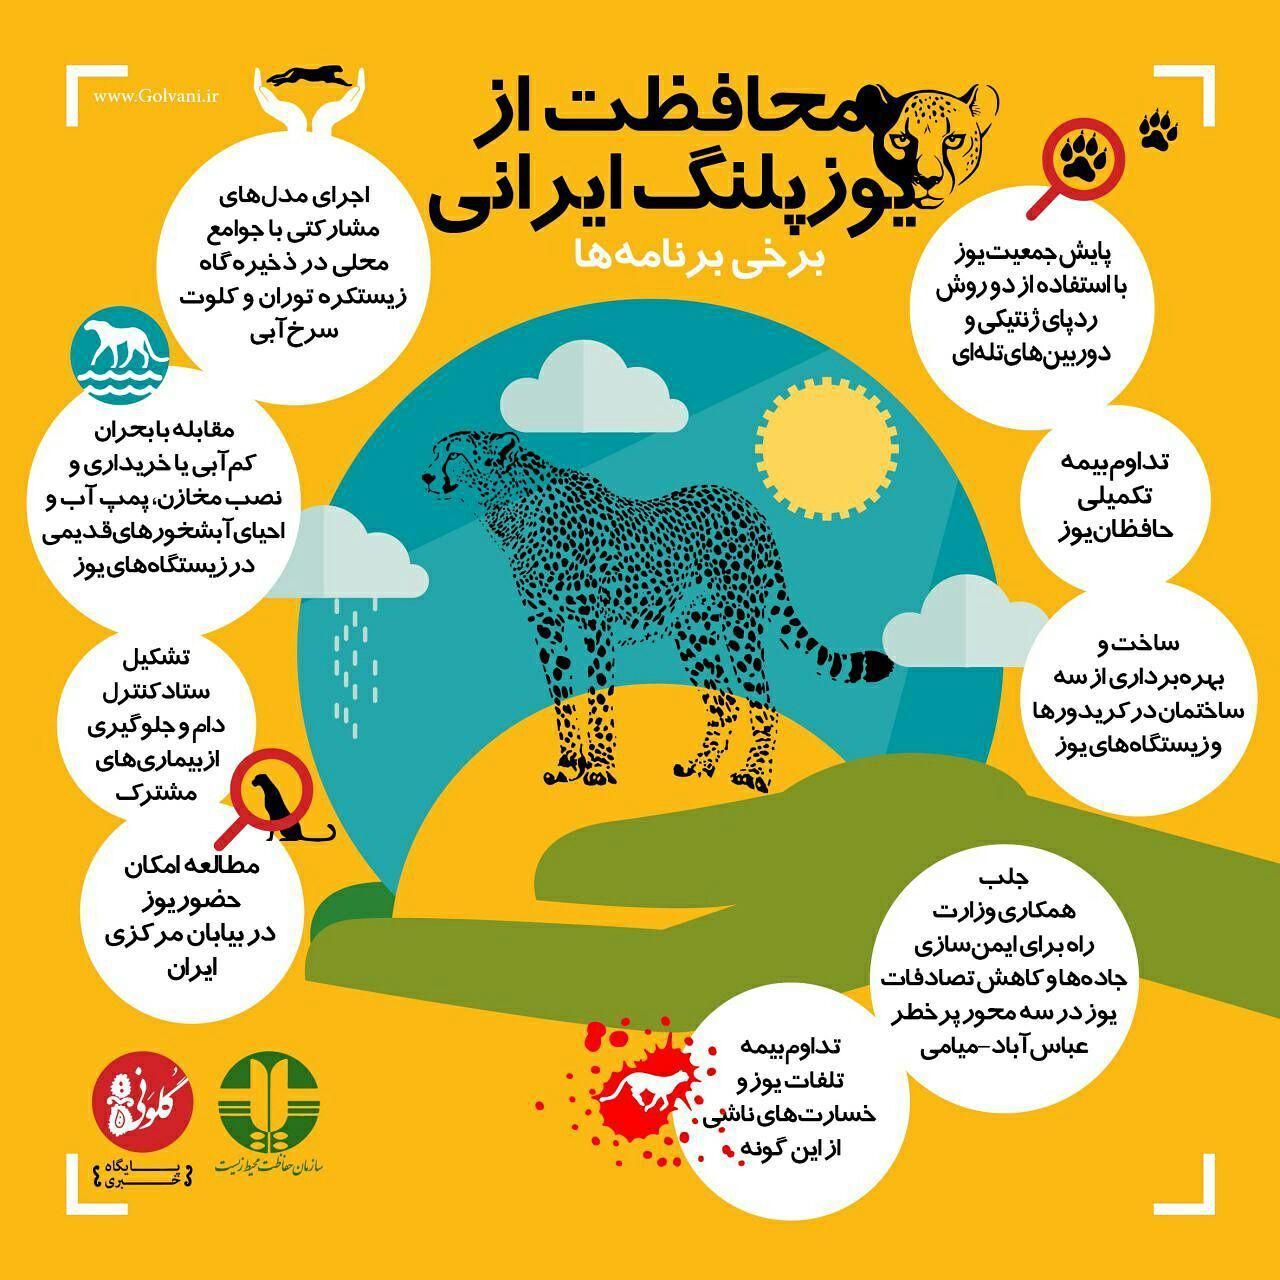 برنامههای حفاظتی از یوزپلنگ